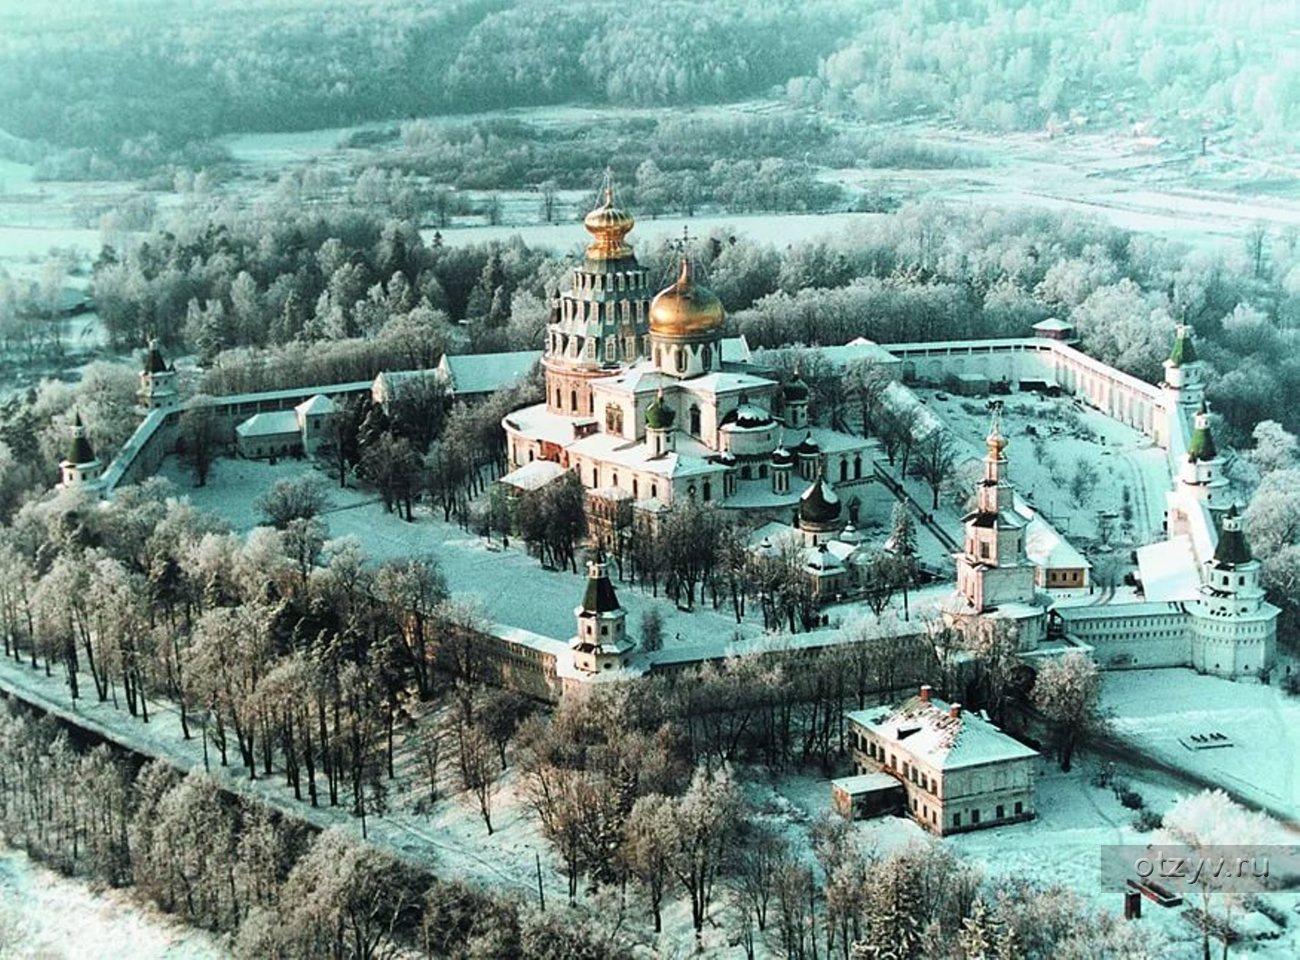 монастырь новый иерусалим подмосковье истра фото которых большие